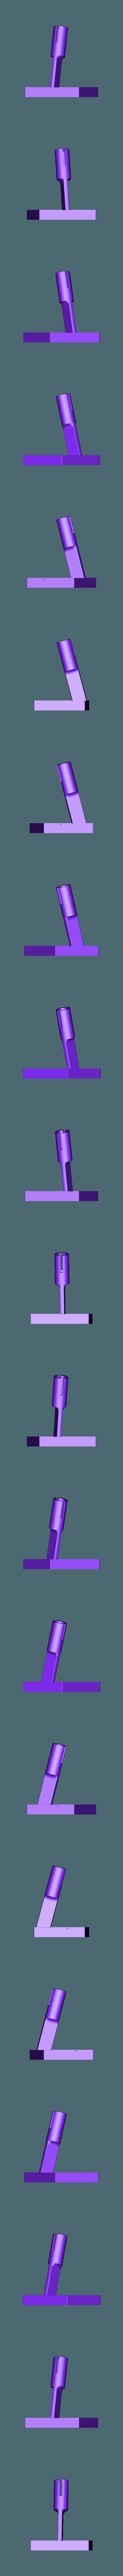 xacto_stand_-_xacto_stand-1-1.STL Télécharger fichier STL gratuit Support x-acto et étui à lames • Design pour imprimante 3D, rubenzilzer